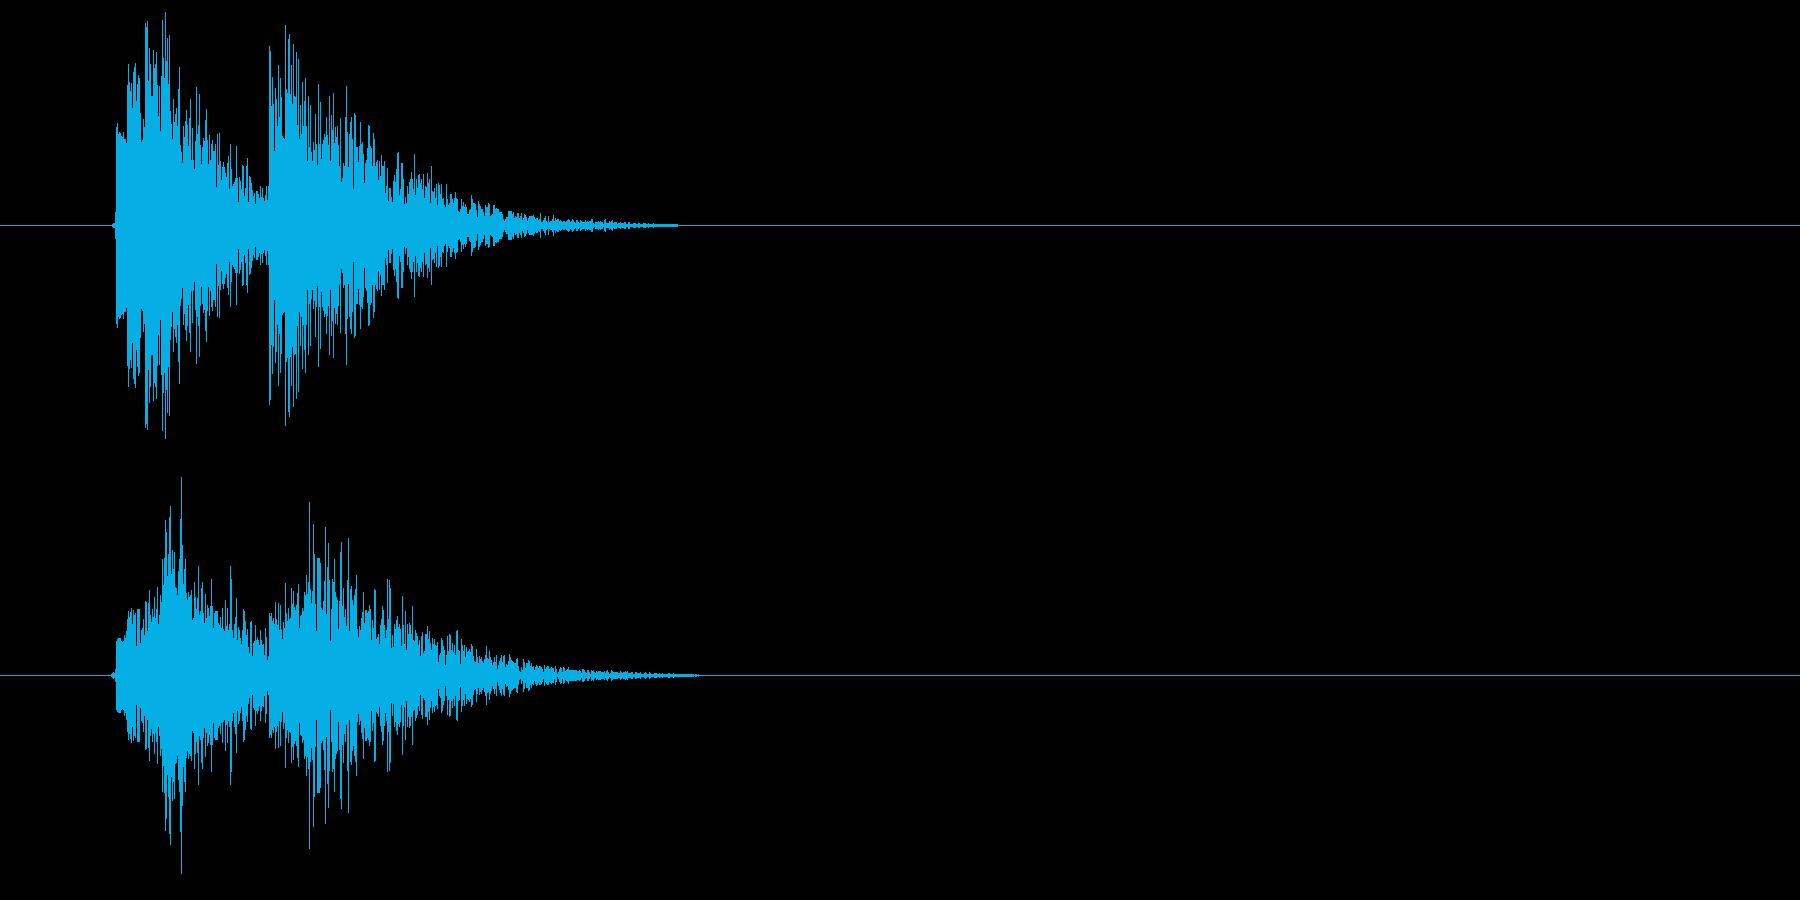 邦楽_アクセント_三味線の再生済みの波形